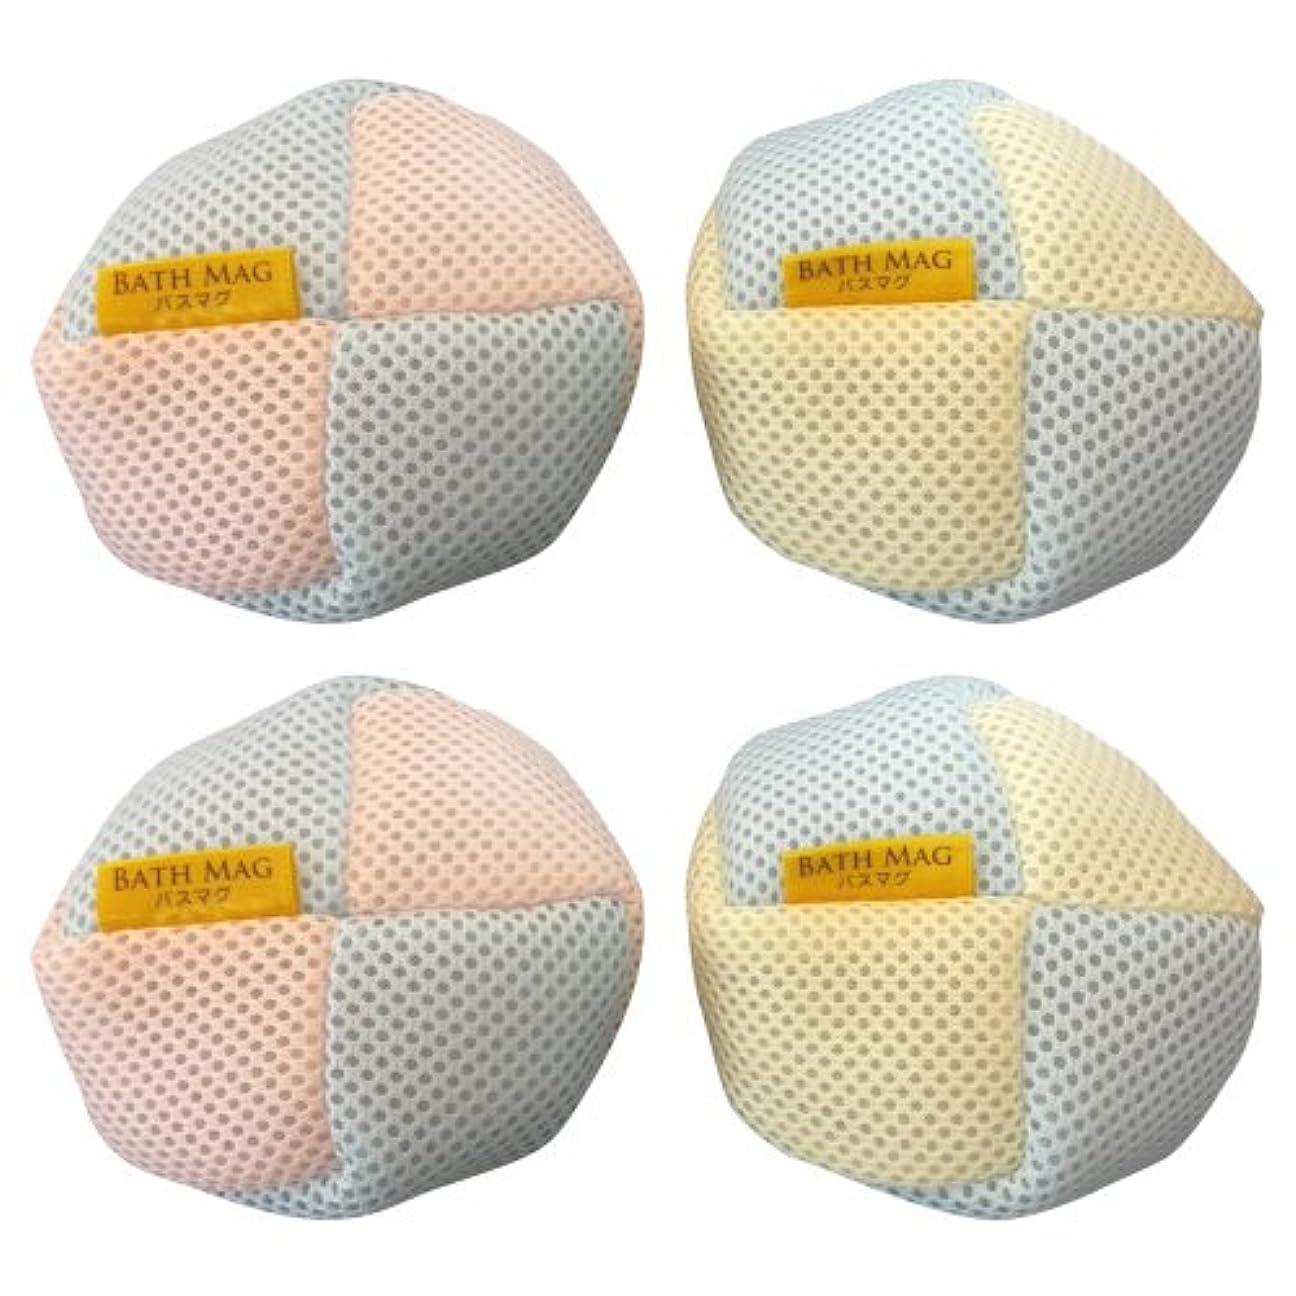 付ける節約するウェブBATH MAG マグネシウムde水素浴(バスマグ)2個入り×2箱セット(計4個)